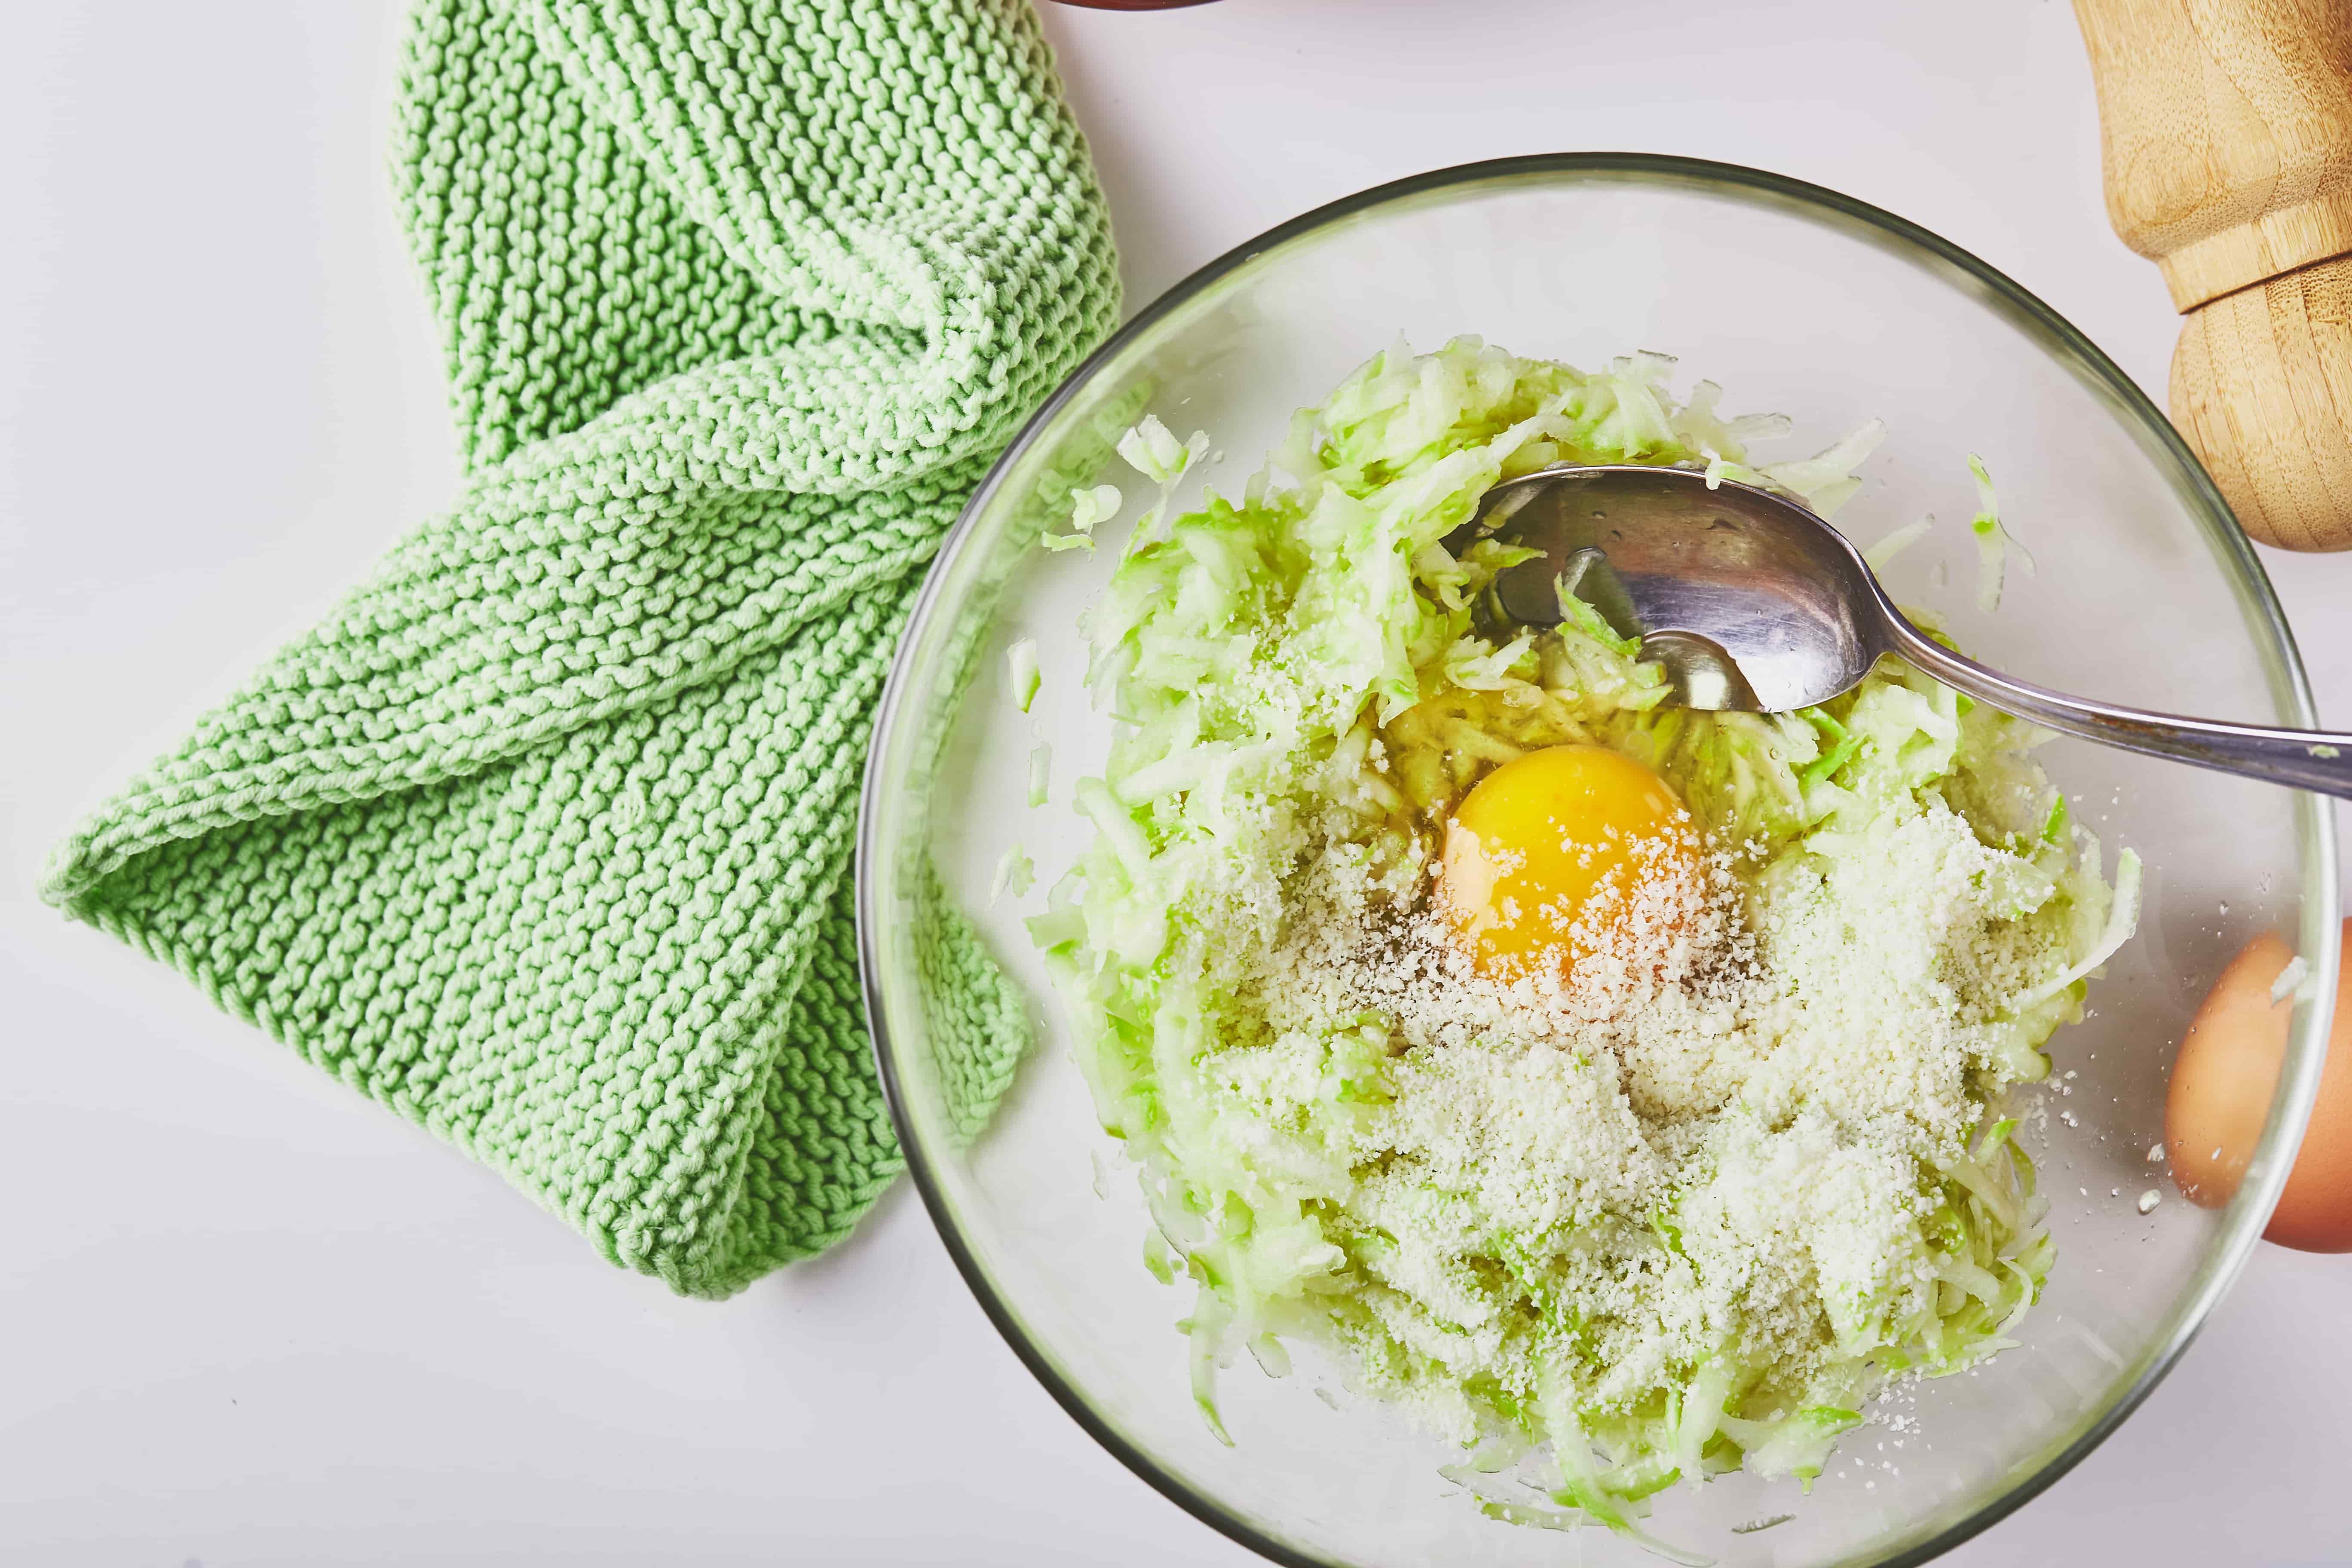 Рецепты ПП для кабачковых оладьев. Полезные пошаговые рецепты с фото для кабачковых оладушков